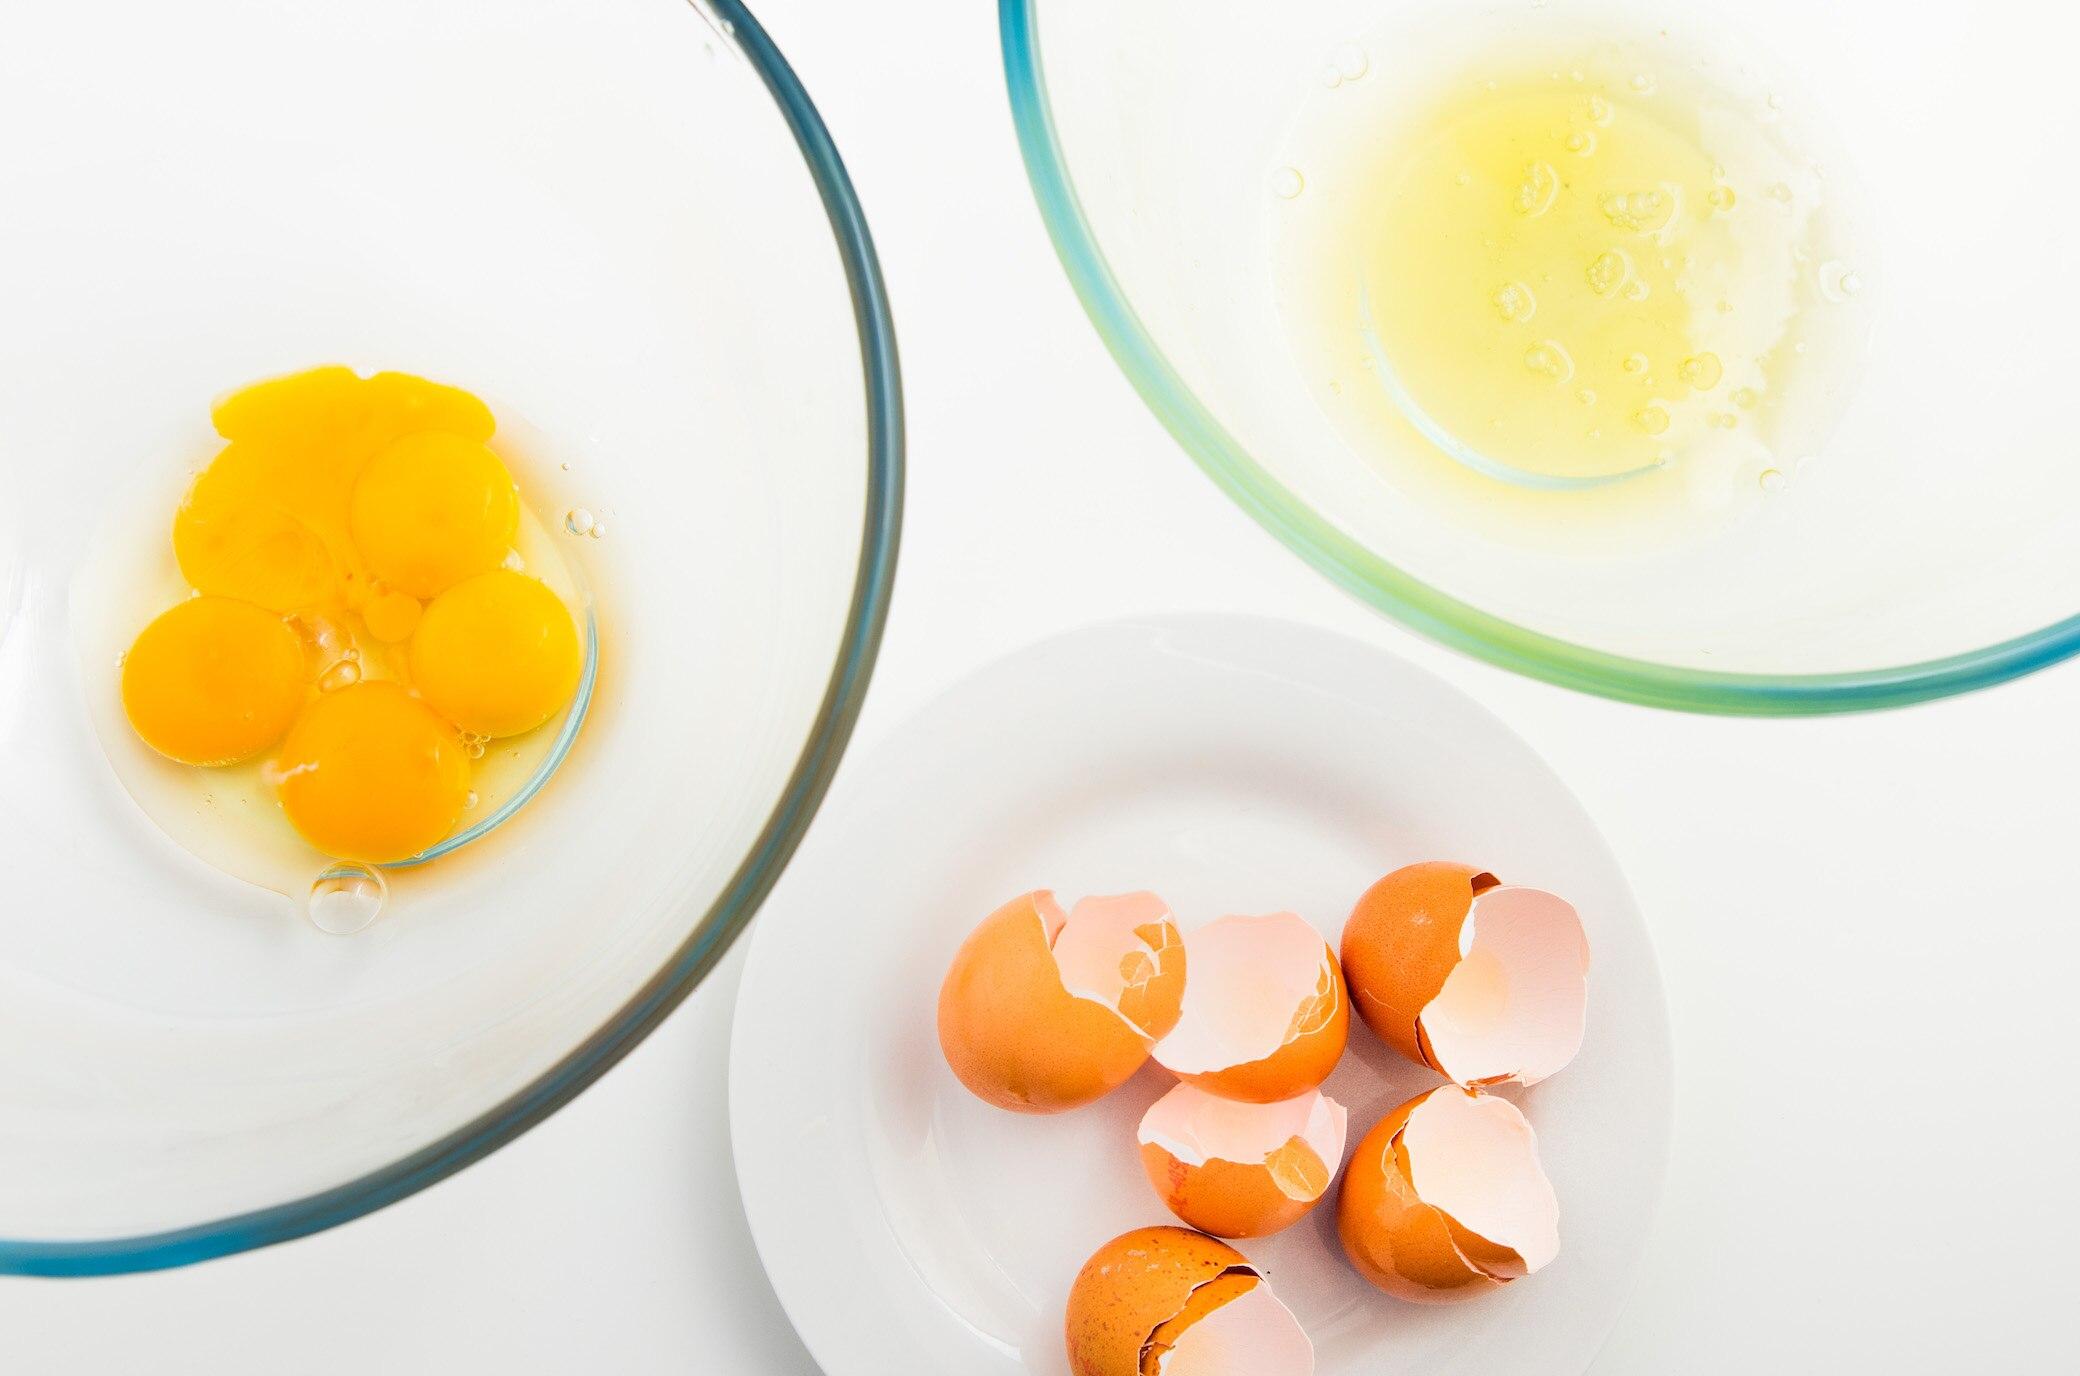 Sollte ich bei Eiern nur das Eiweiß essen?